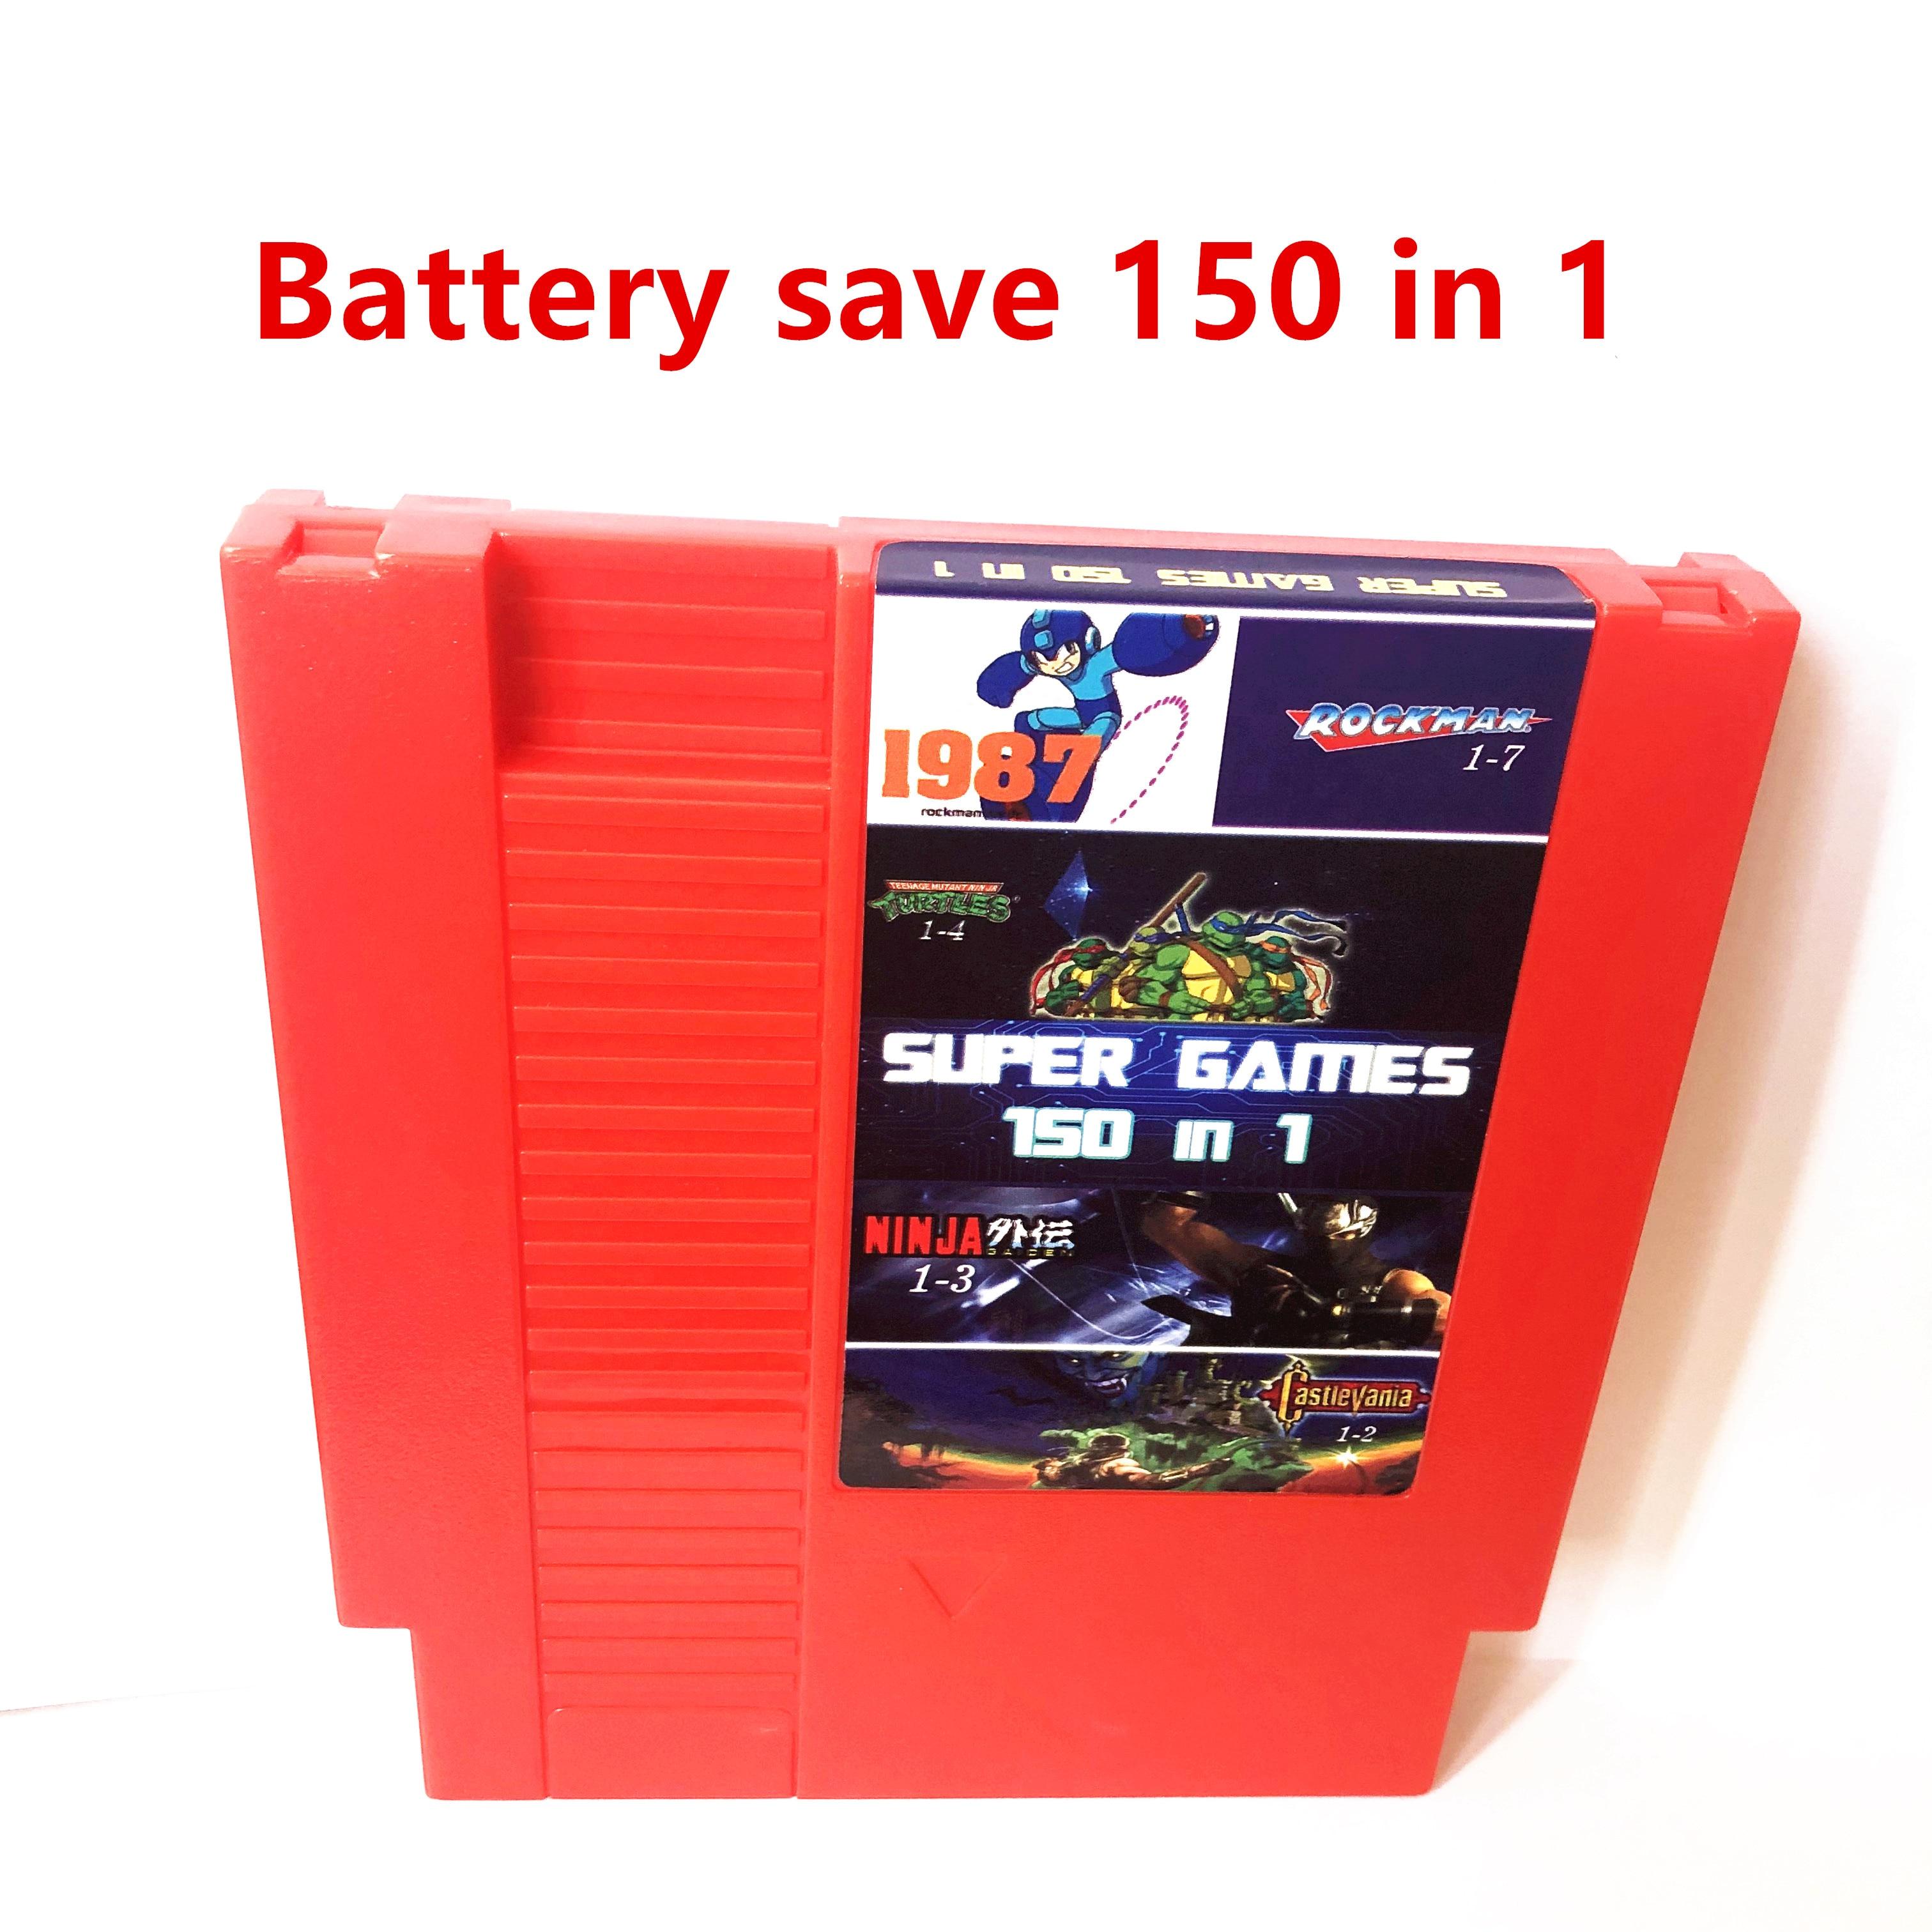 ¡Batería salvar! Rockman 150 en 1 123456, doble dragón 123, Isla de aventura 1234, Kirby para 8 bits 72 pines NTSC y PAL